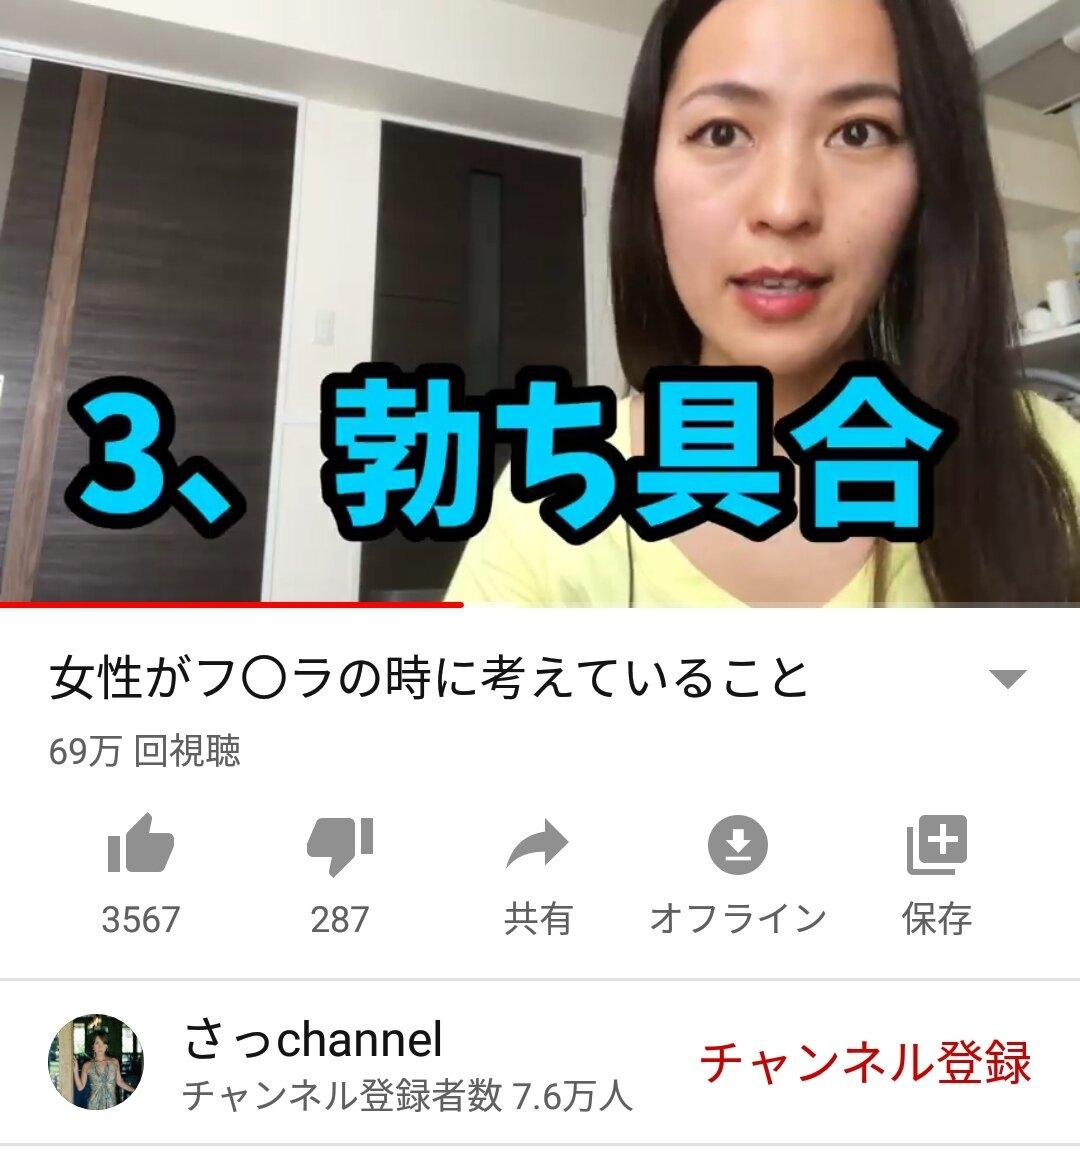 Channel さっ